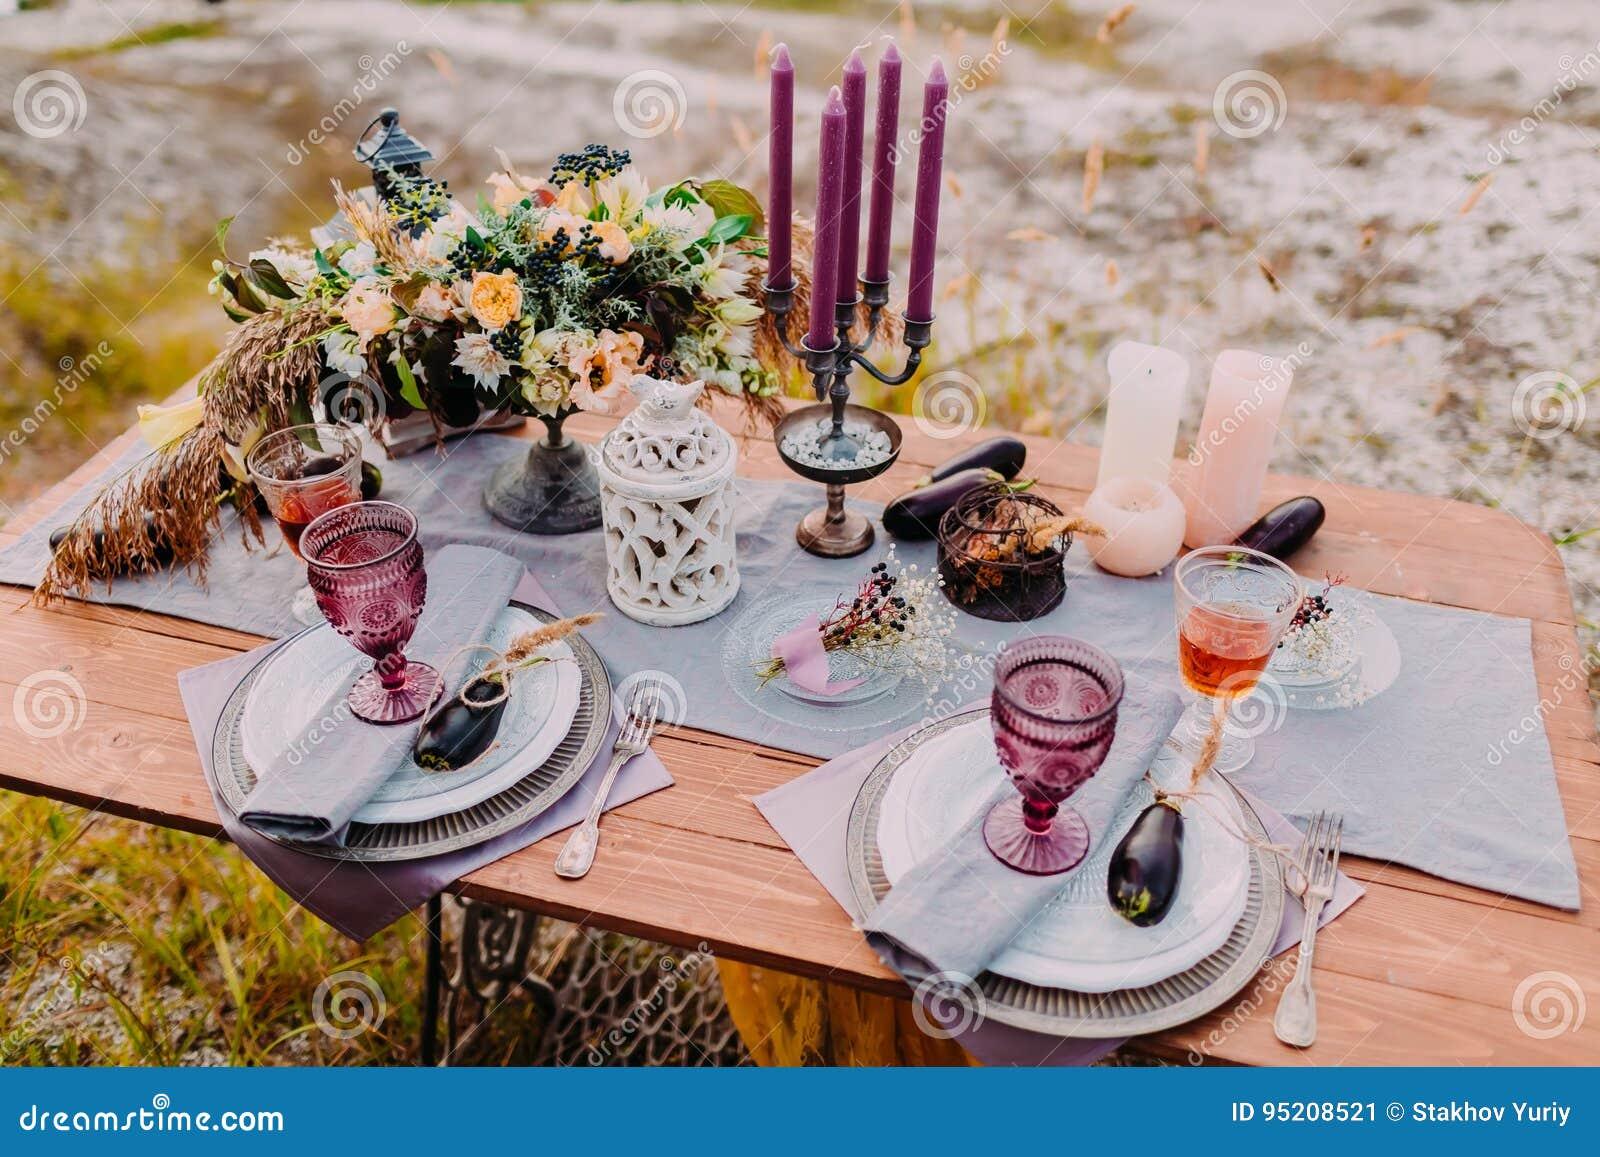 Een houten lijst wordt gediend voor twee, op de lijst zijn er samenstellingen van bloemen, kaarsen, bestek en glazen voor wijn